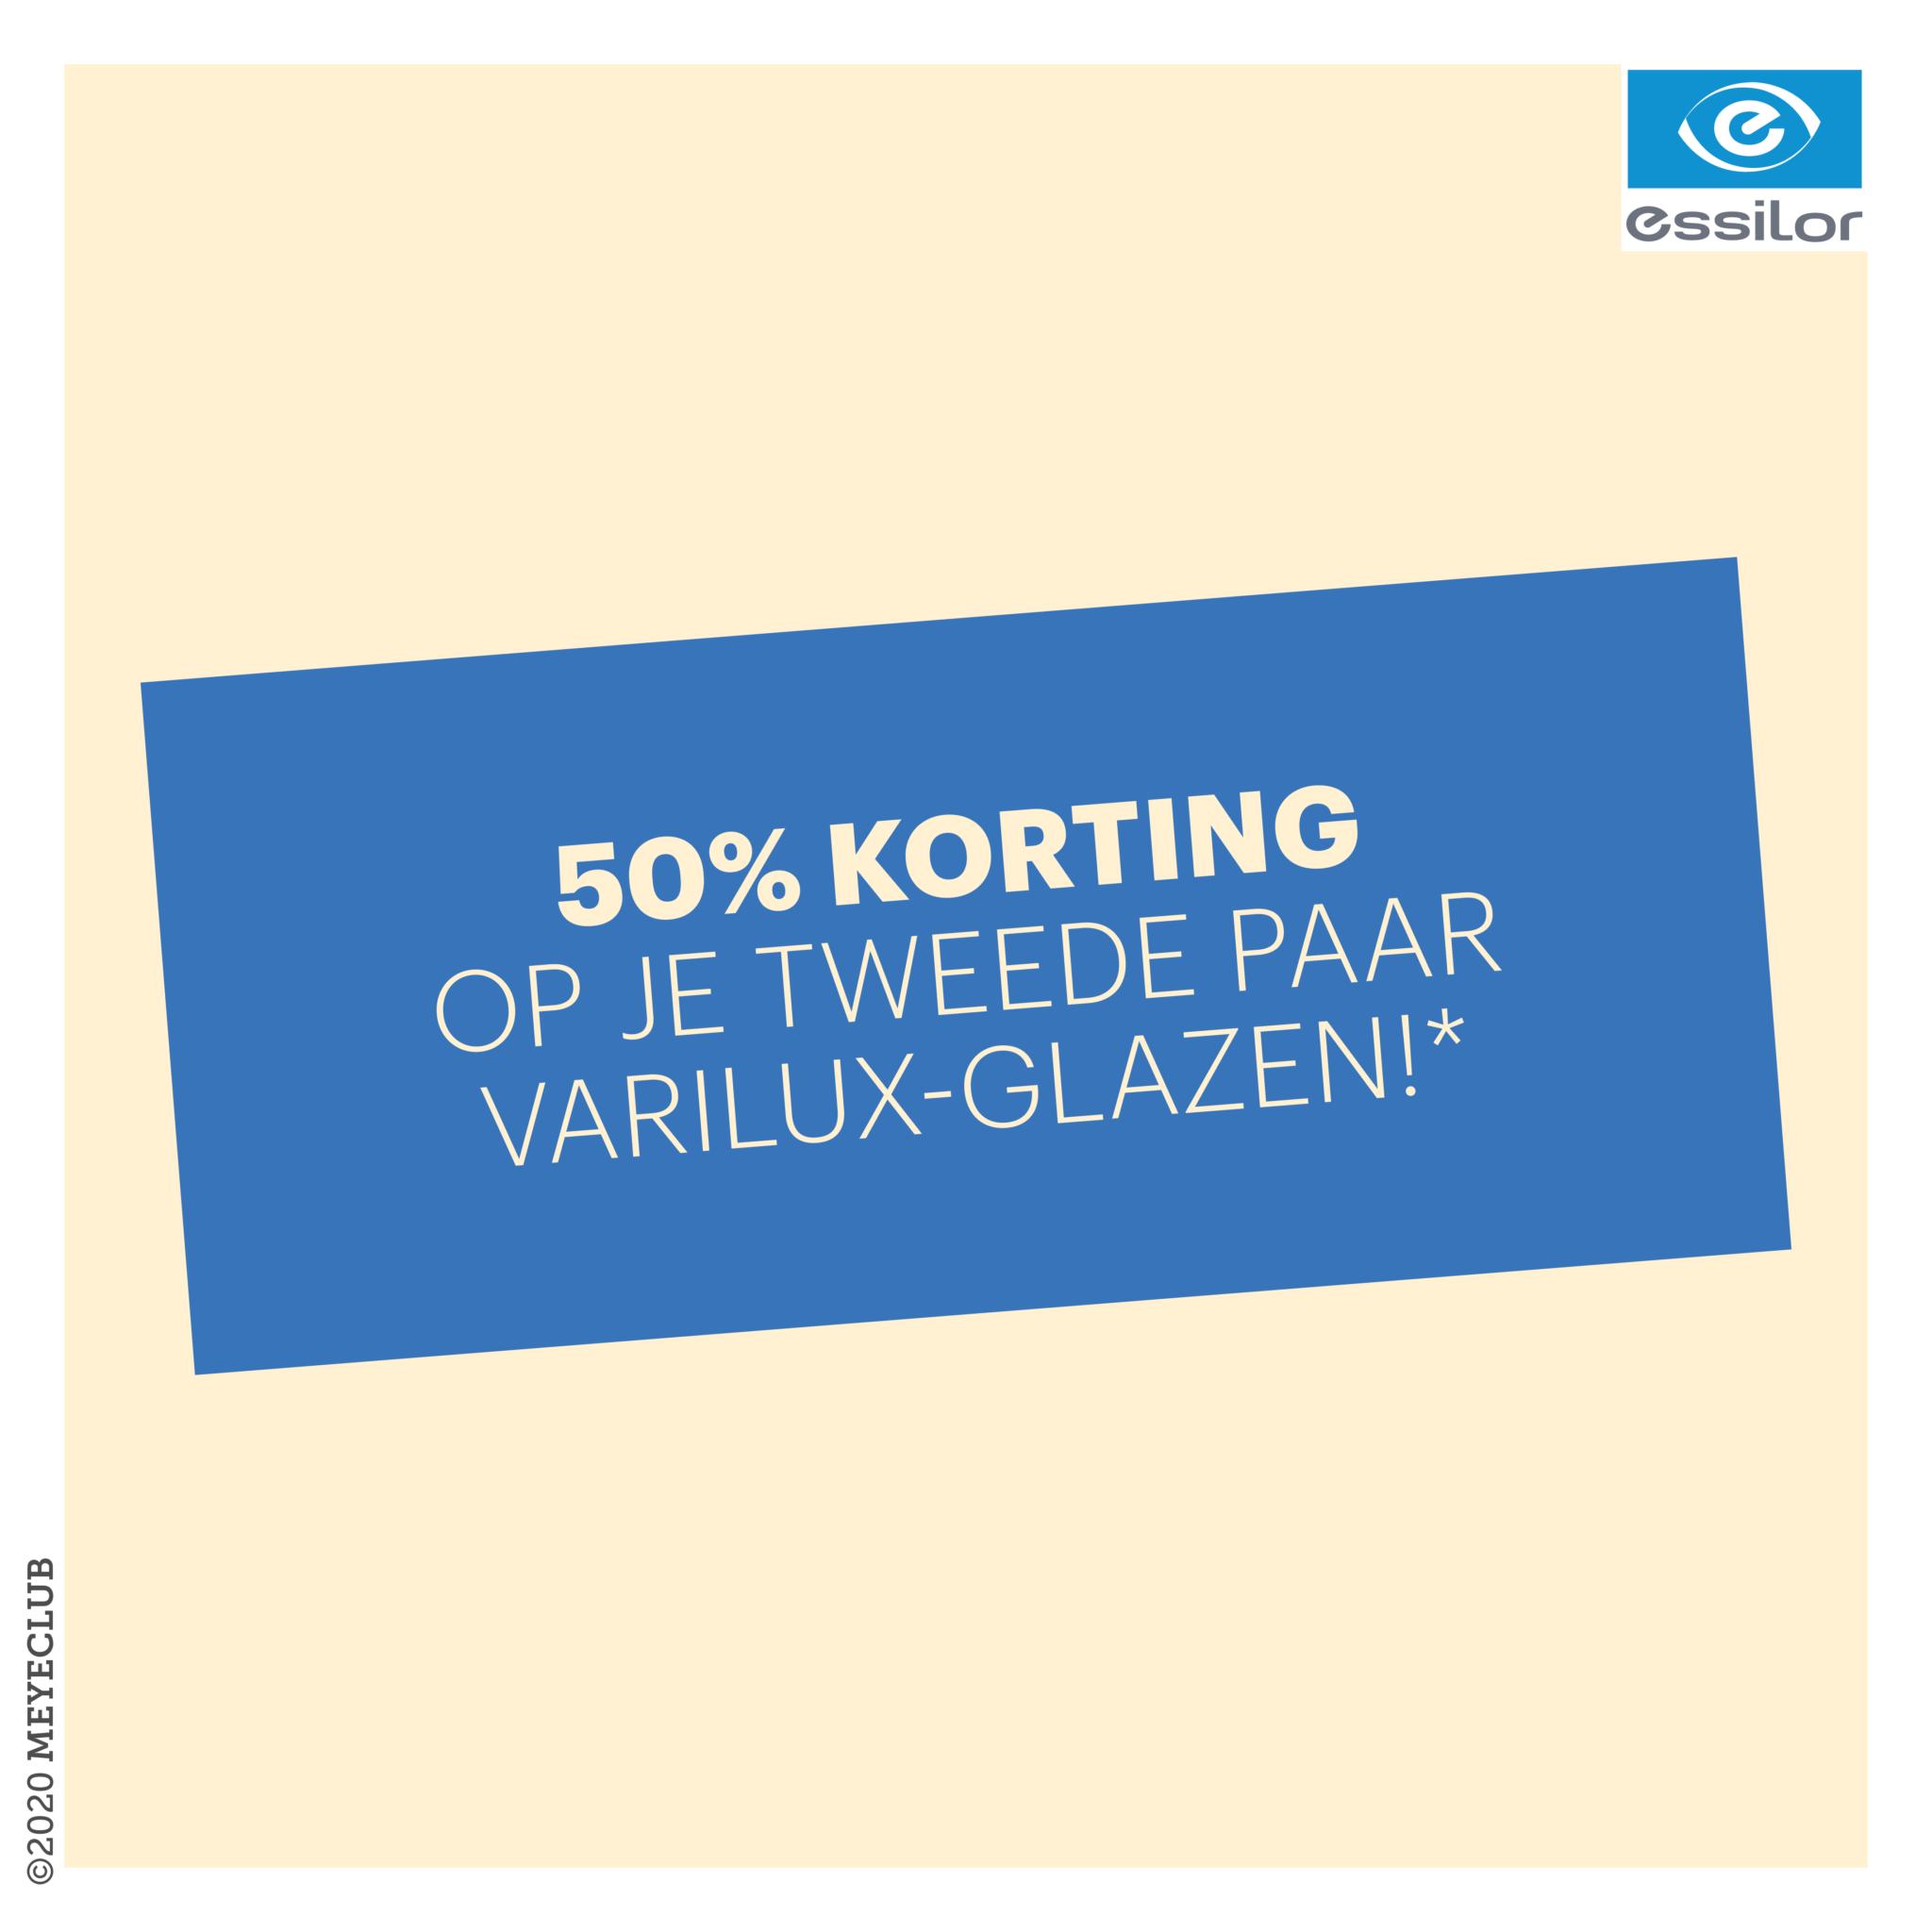 50% korting op uw tweede paar Varilux-glazen!